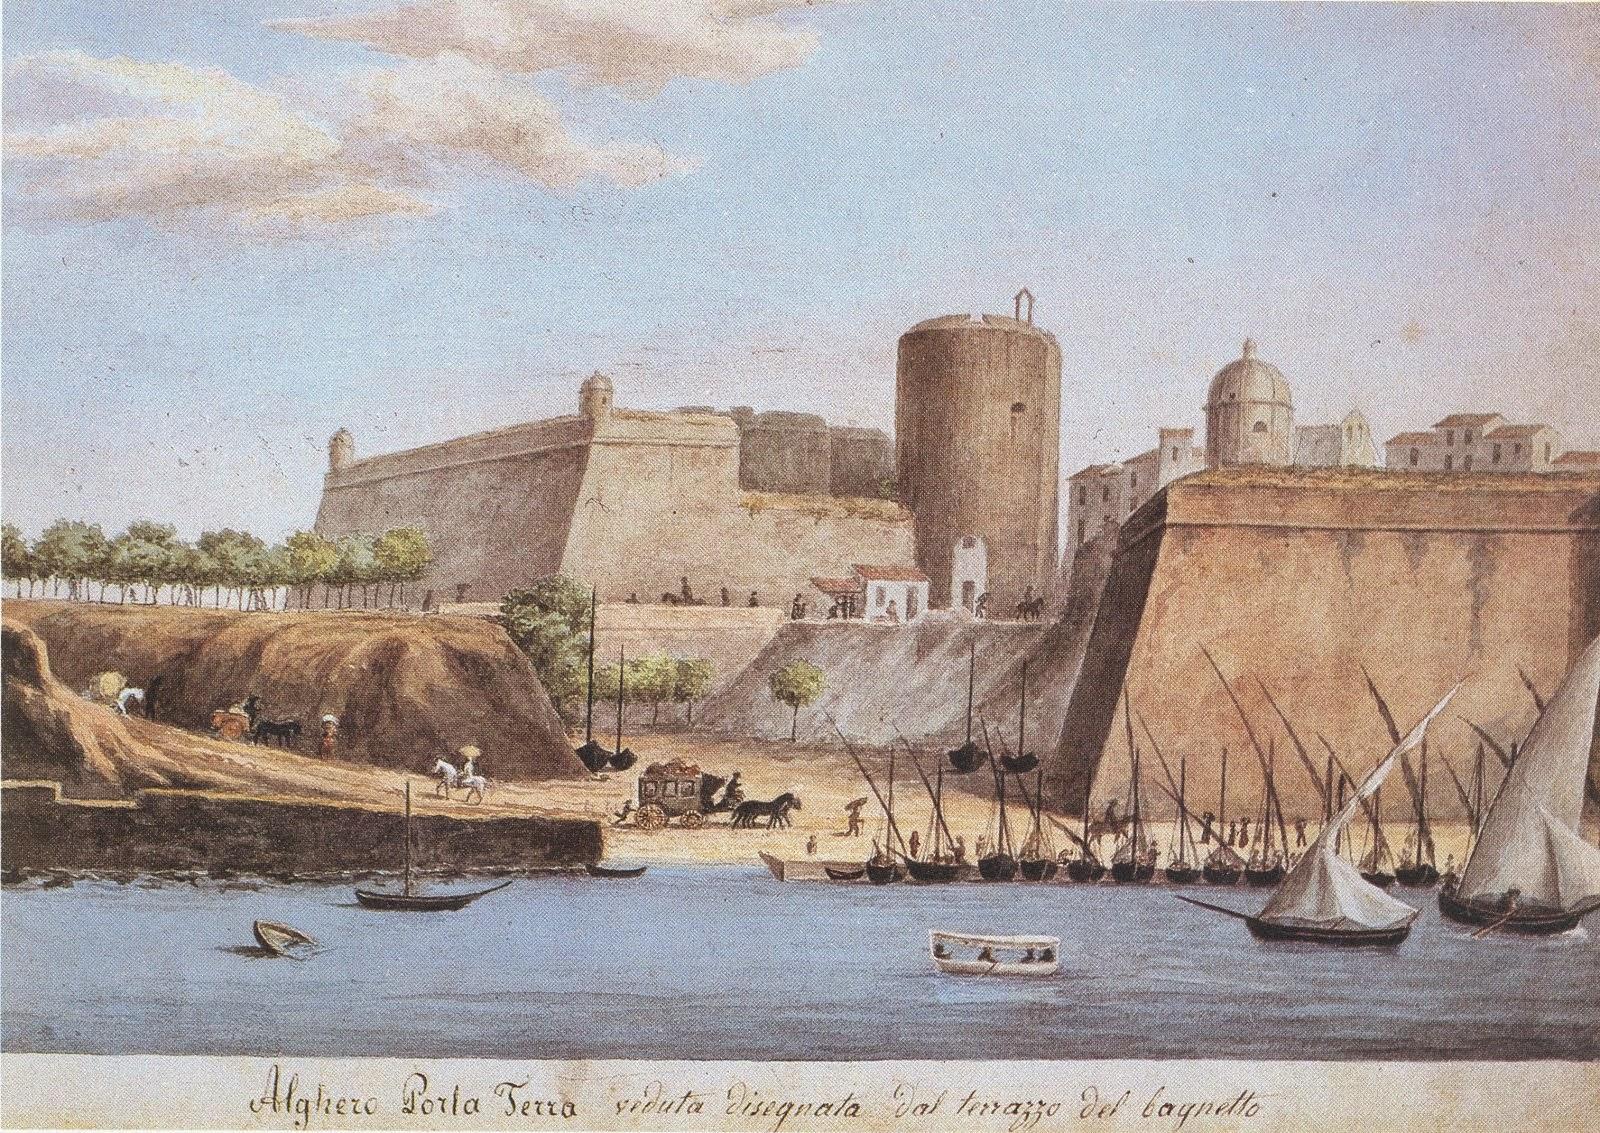 L'Alguer en una aquarel·la de Simone Manca (segona meitat del segle XIX)